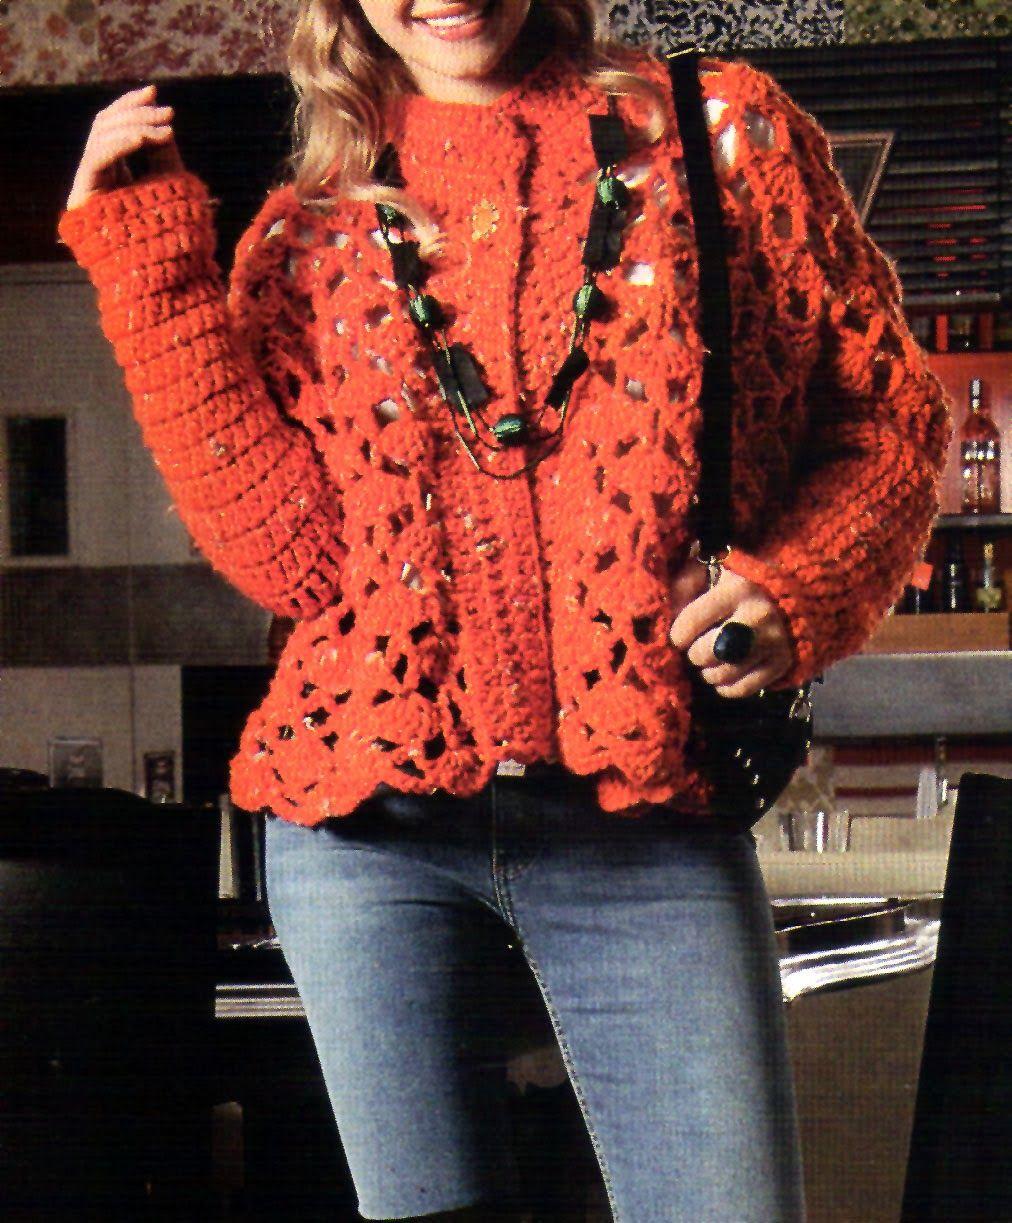 tejidos artesanales en crochet  saco calado en color naranja ... 7c10ccc063ea